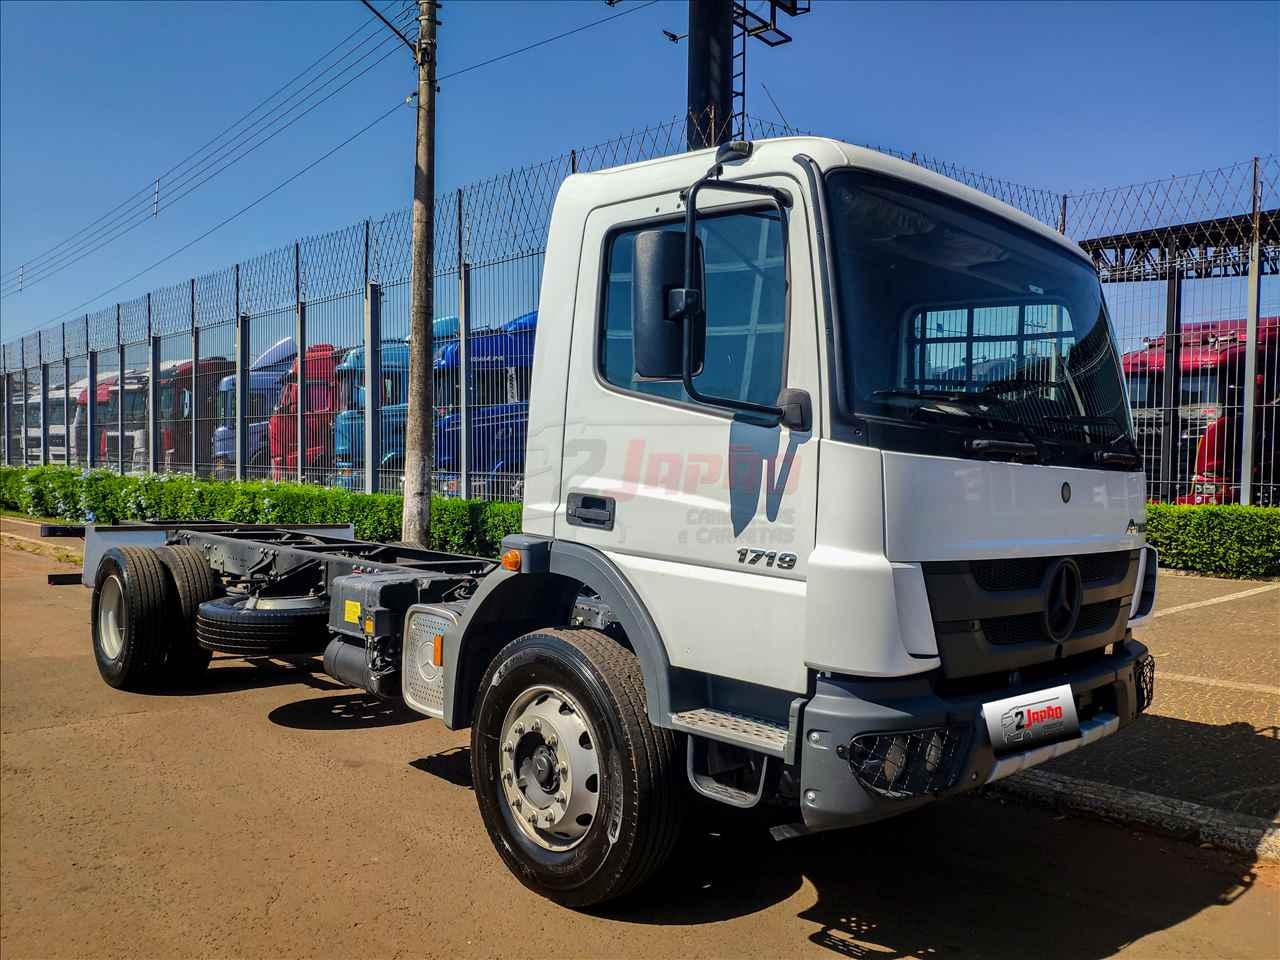 MERCEDES-BENZ MB 1719 10000km 2019/2020 2 Japão Caminhões e Carretas